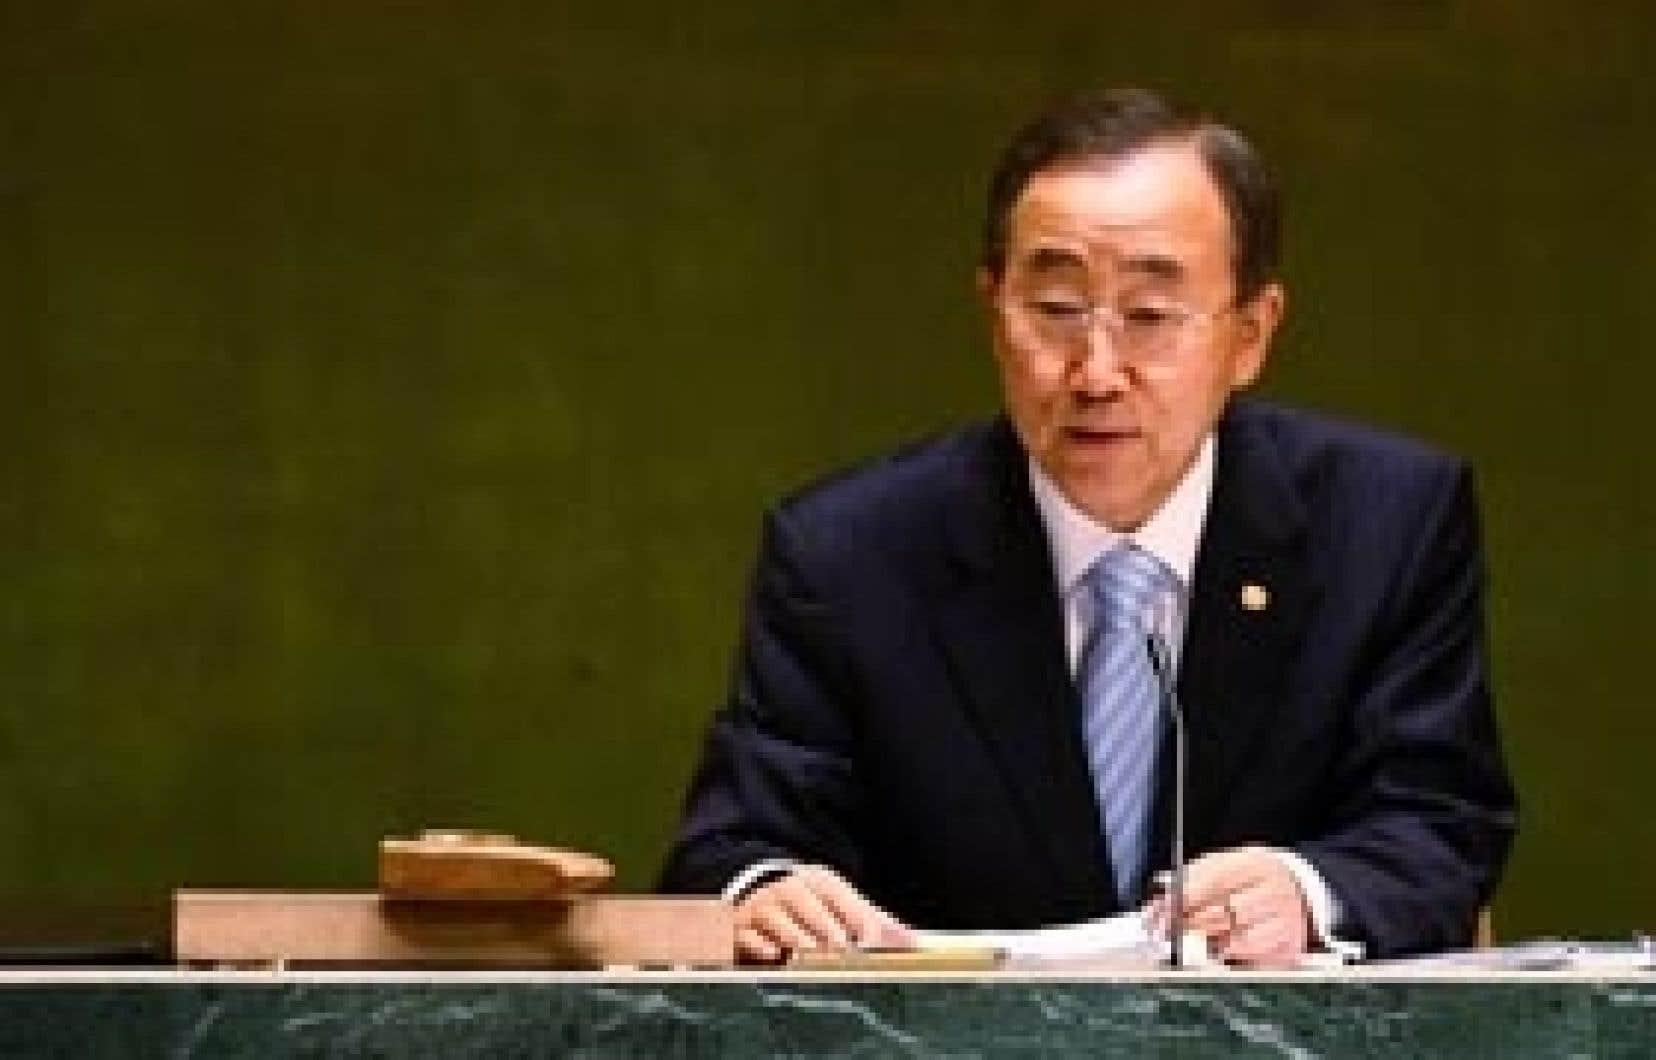 «Les institutions mondiales créées il y a plusieurs générations doivent être rendues plus responsables, plus représentatives et plus efficaces», a déclaré hier le secrétaire général de l'ONU, Ban Ki-moon.